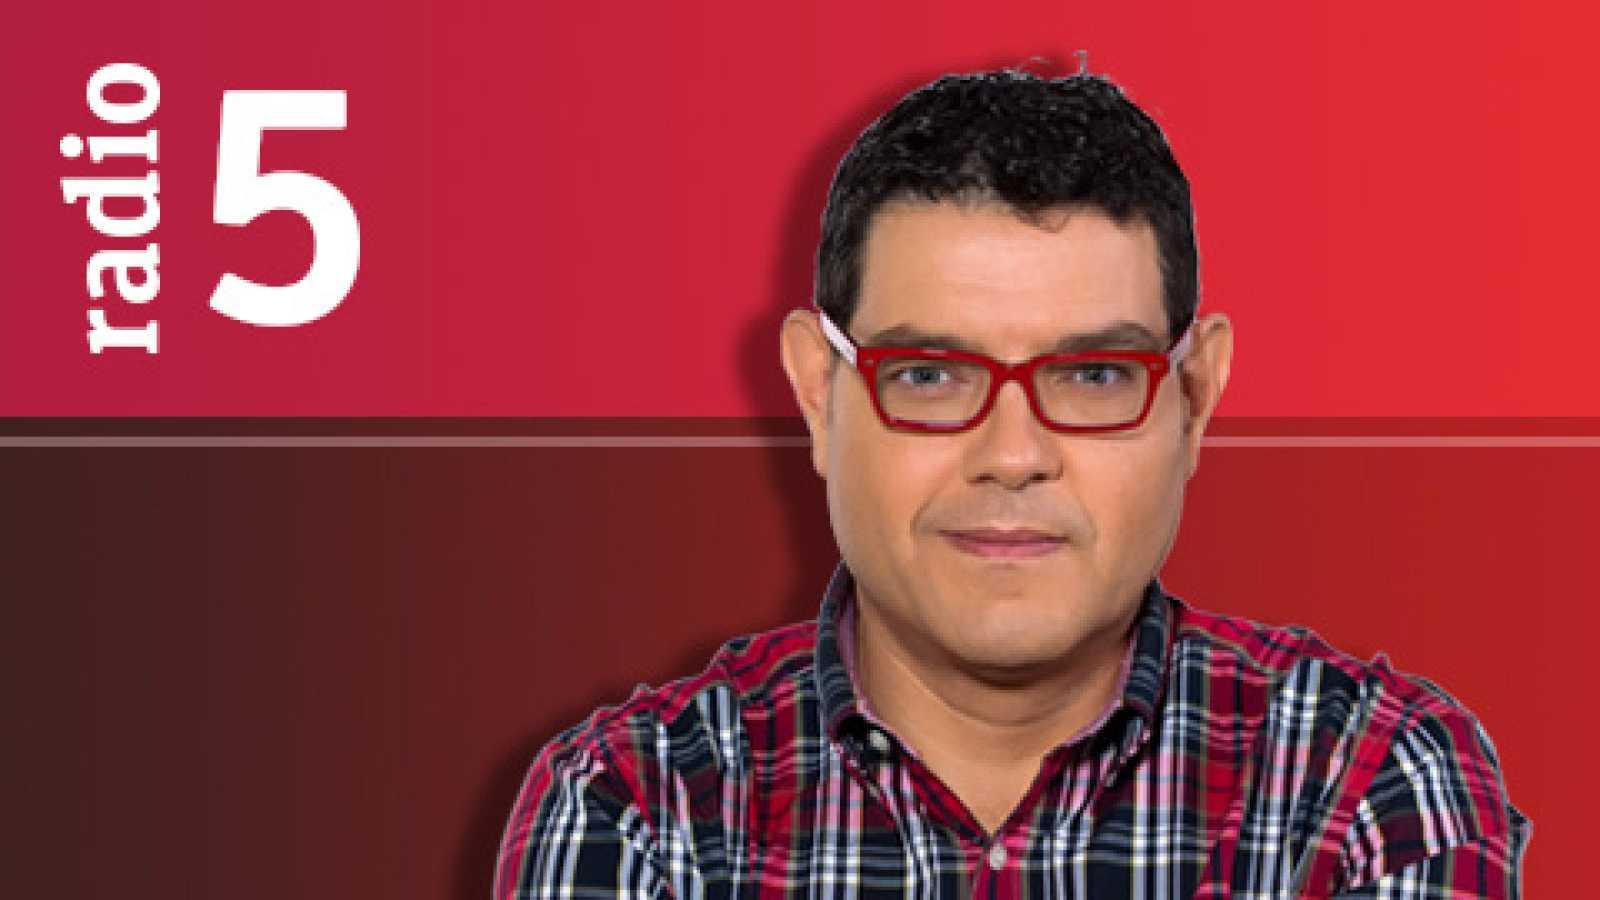 La entrevista de Radio 5 - Gonzalo Escribano - 14/01/21 - Escuchar ahora